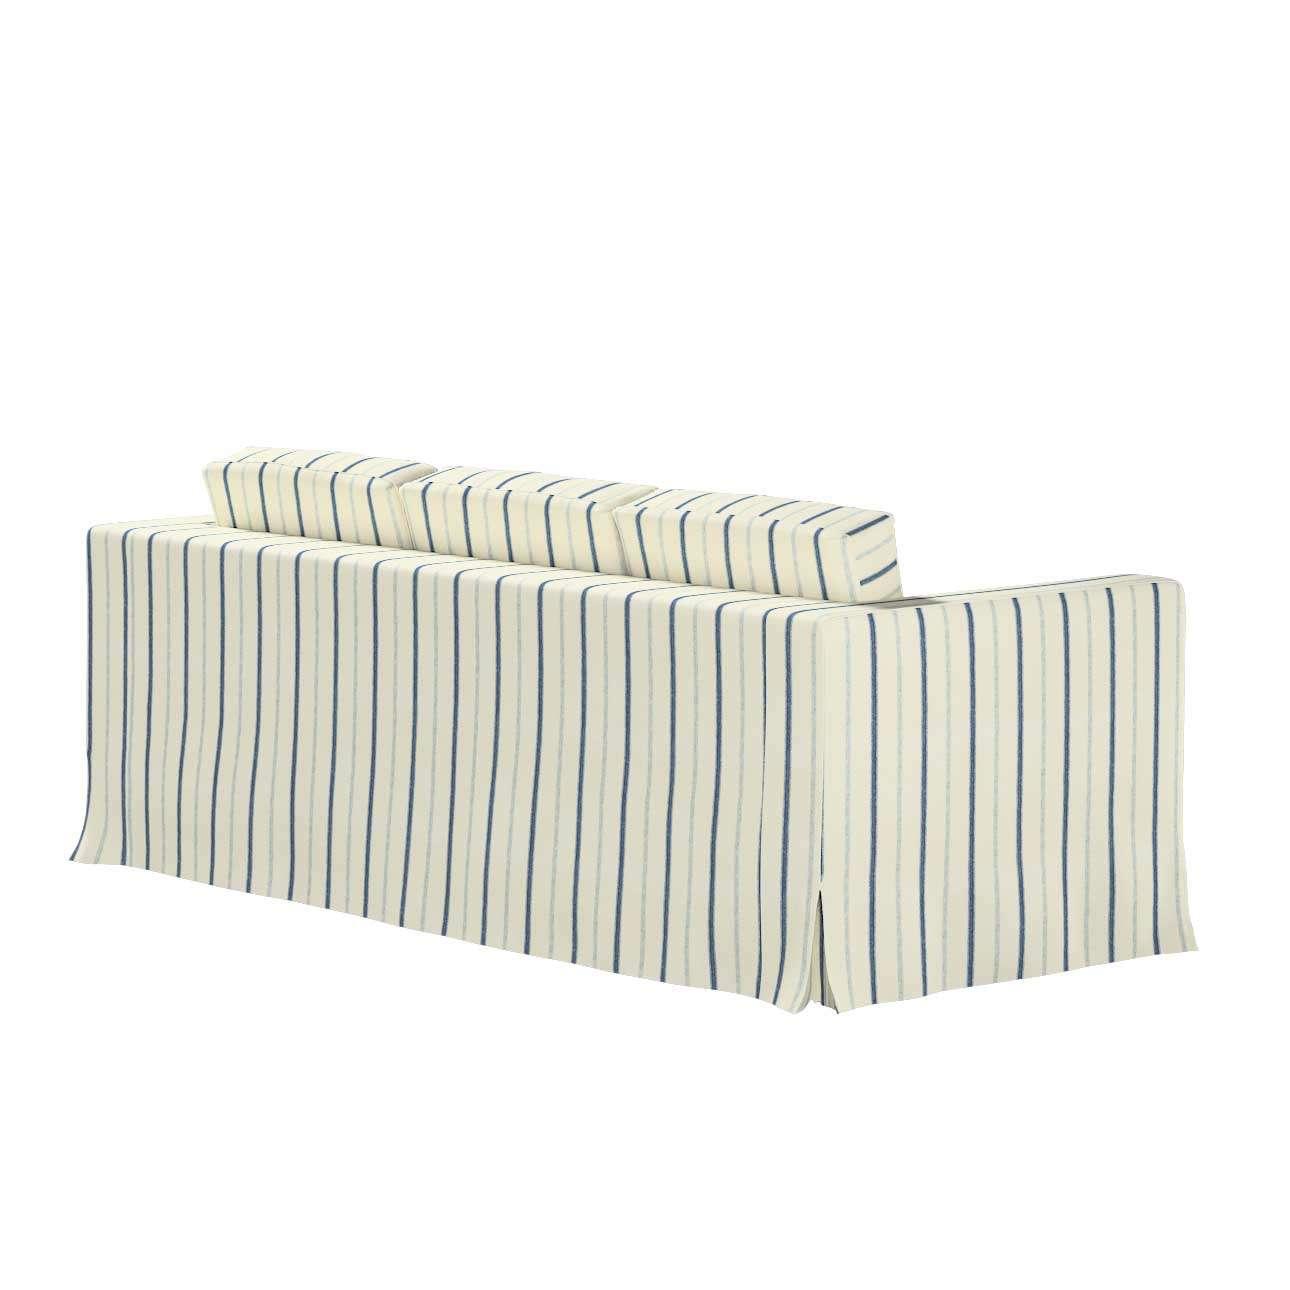 Bezug für Karlanda 3-Sitzer Sofa nicht ausklappbar, lang von der Kollektion Avinon, Stoff: 129-66